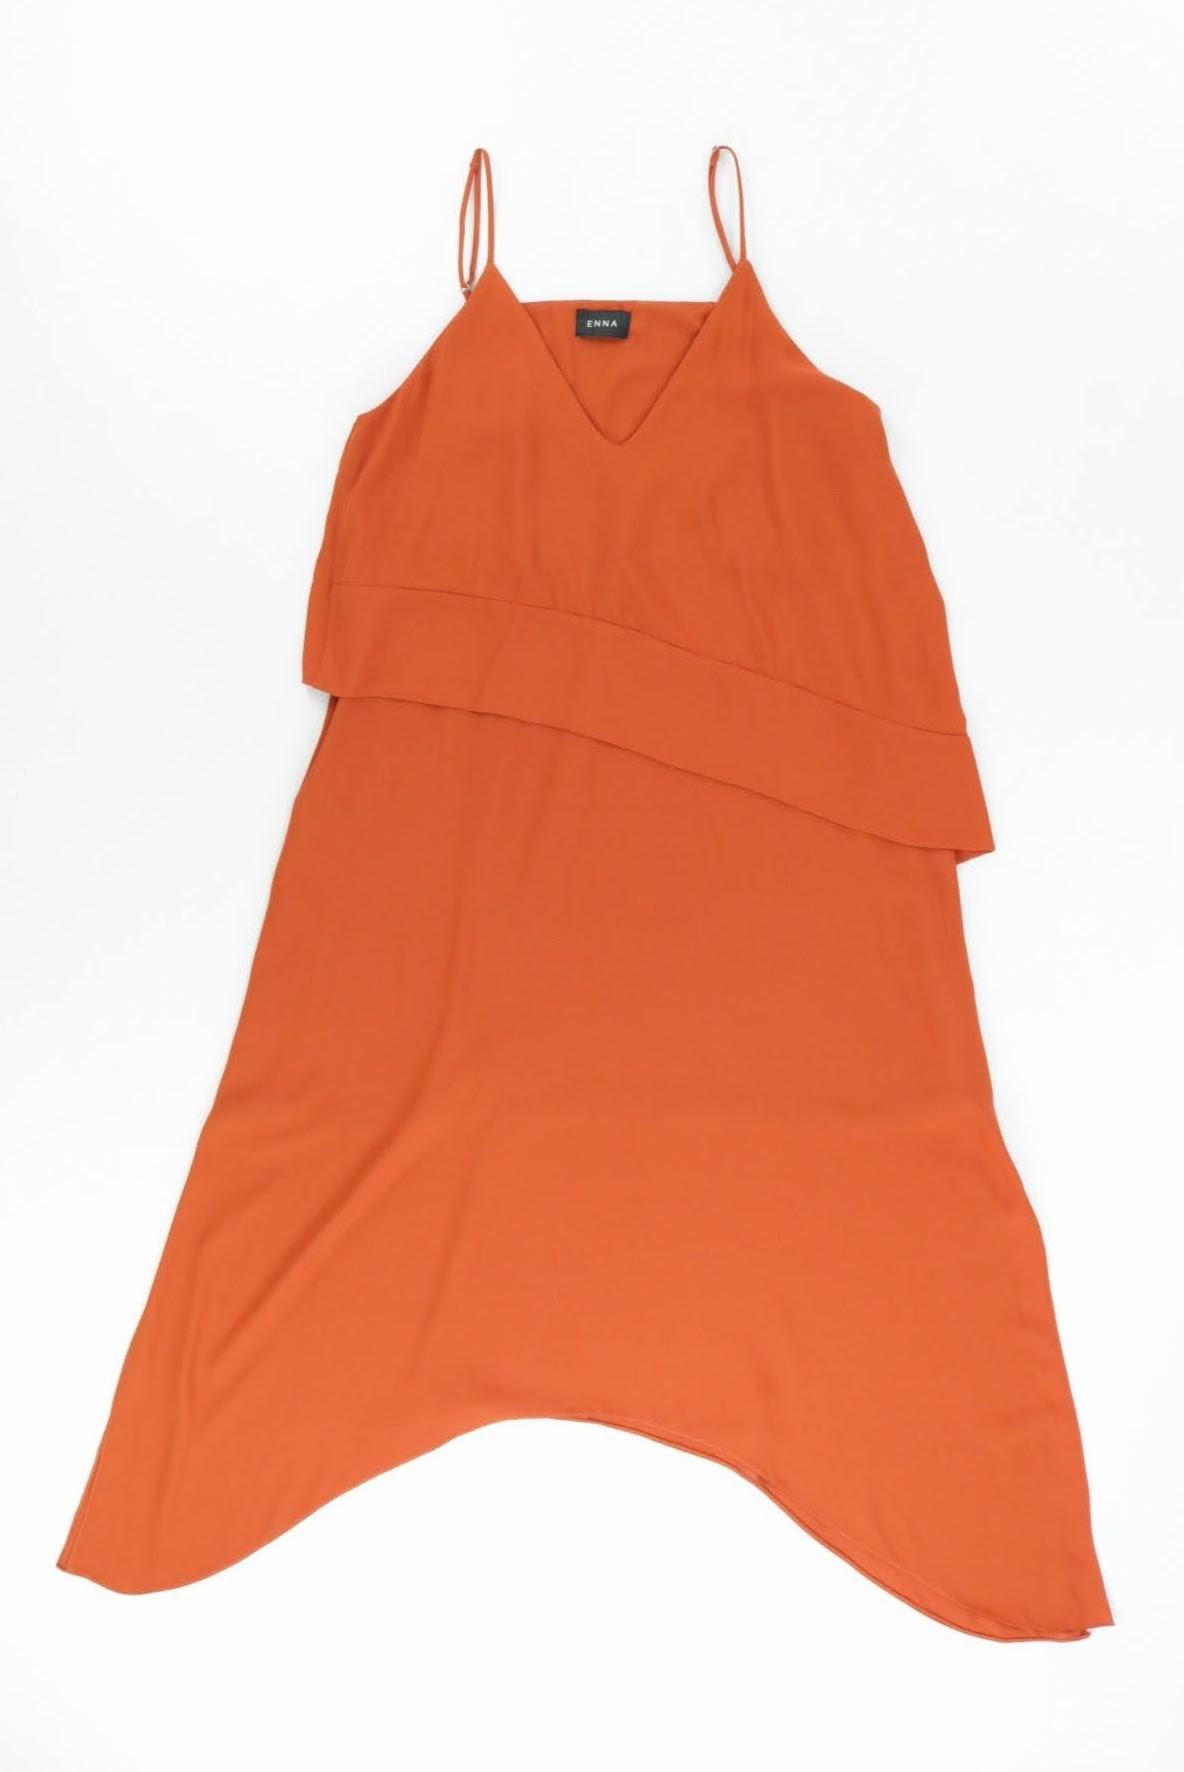 Vestido Enna -Tam P